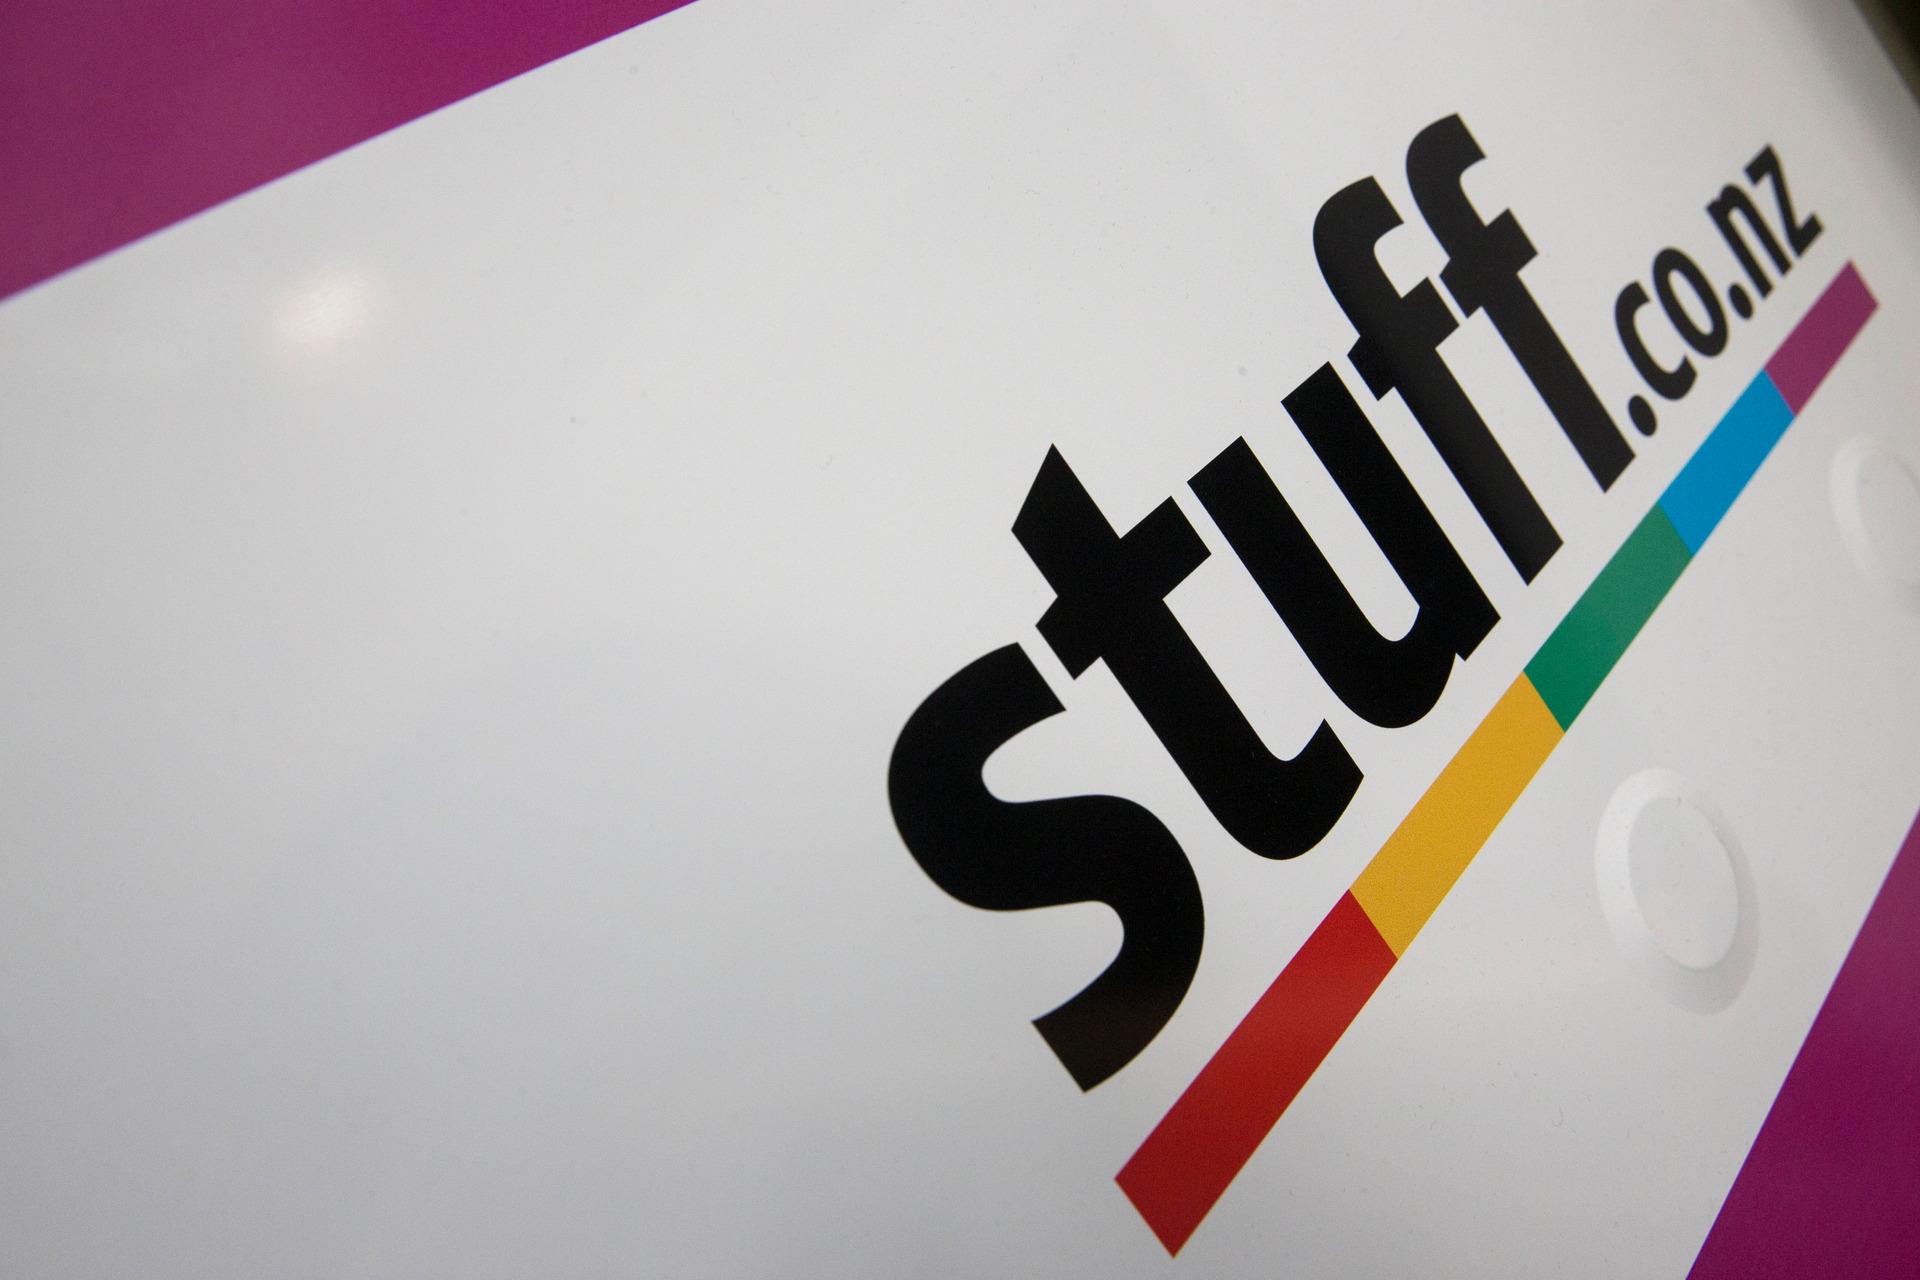 Stuff earnings slide 24 per cent